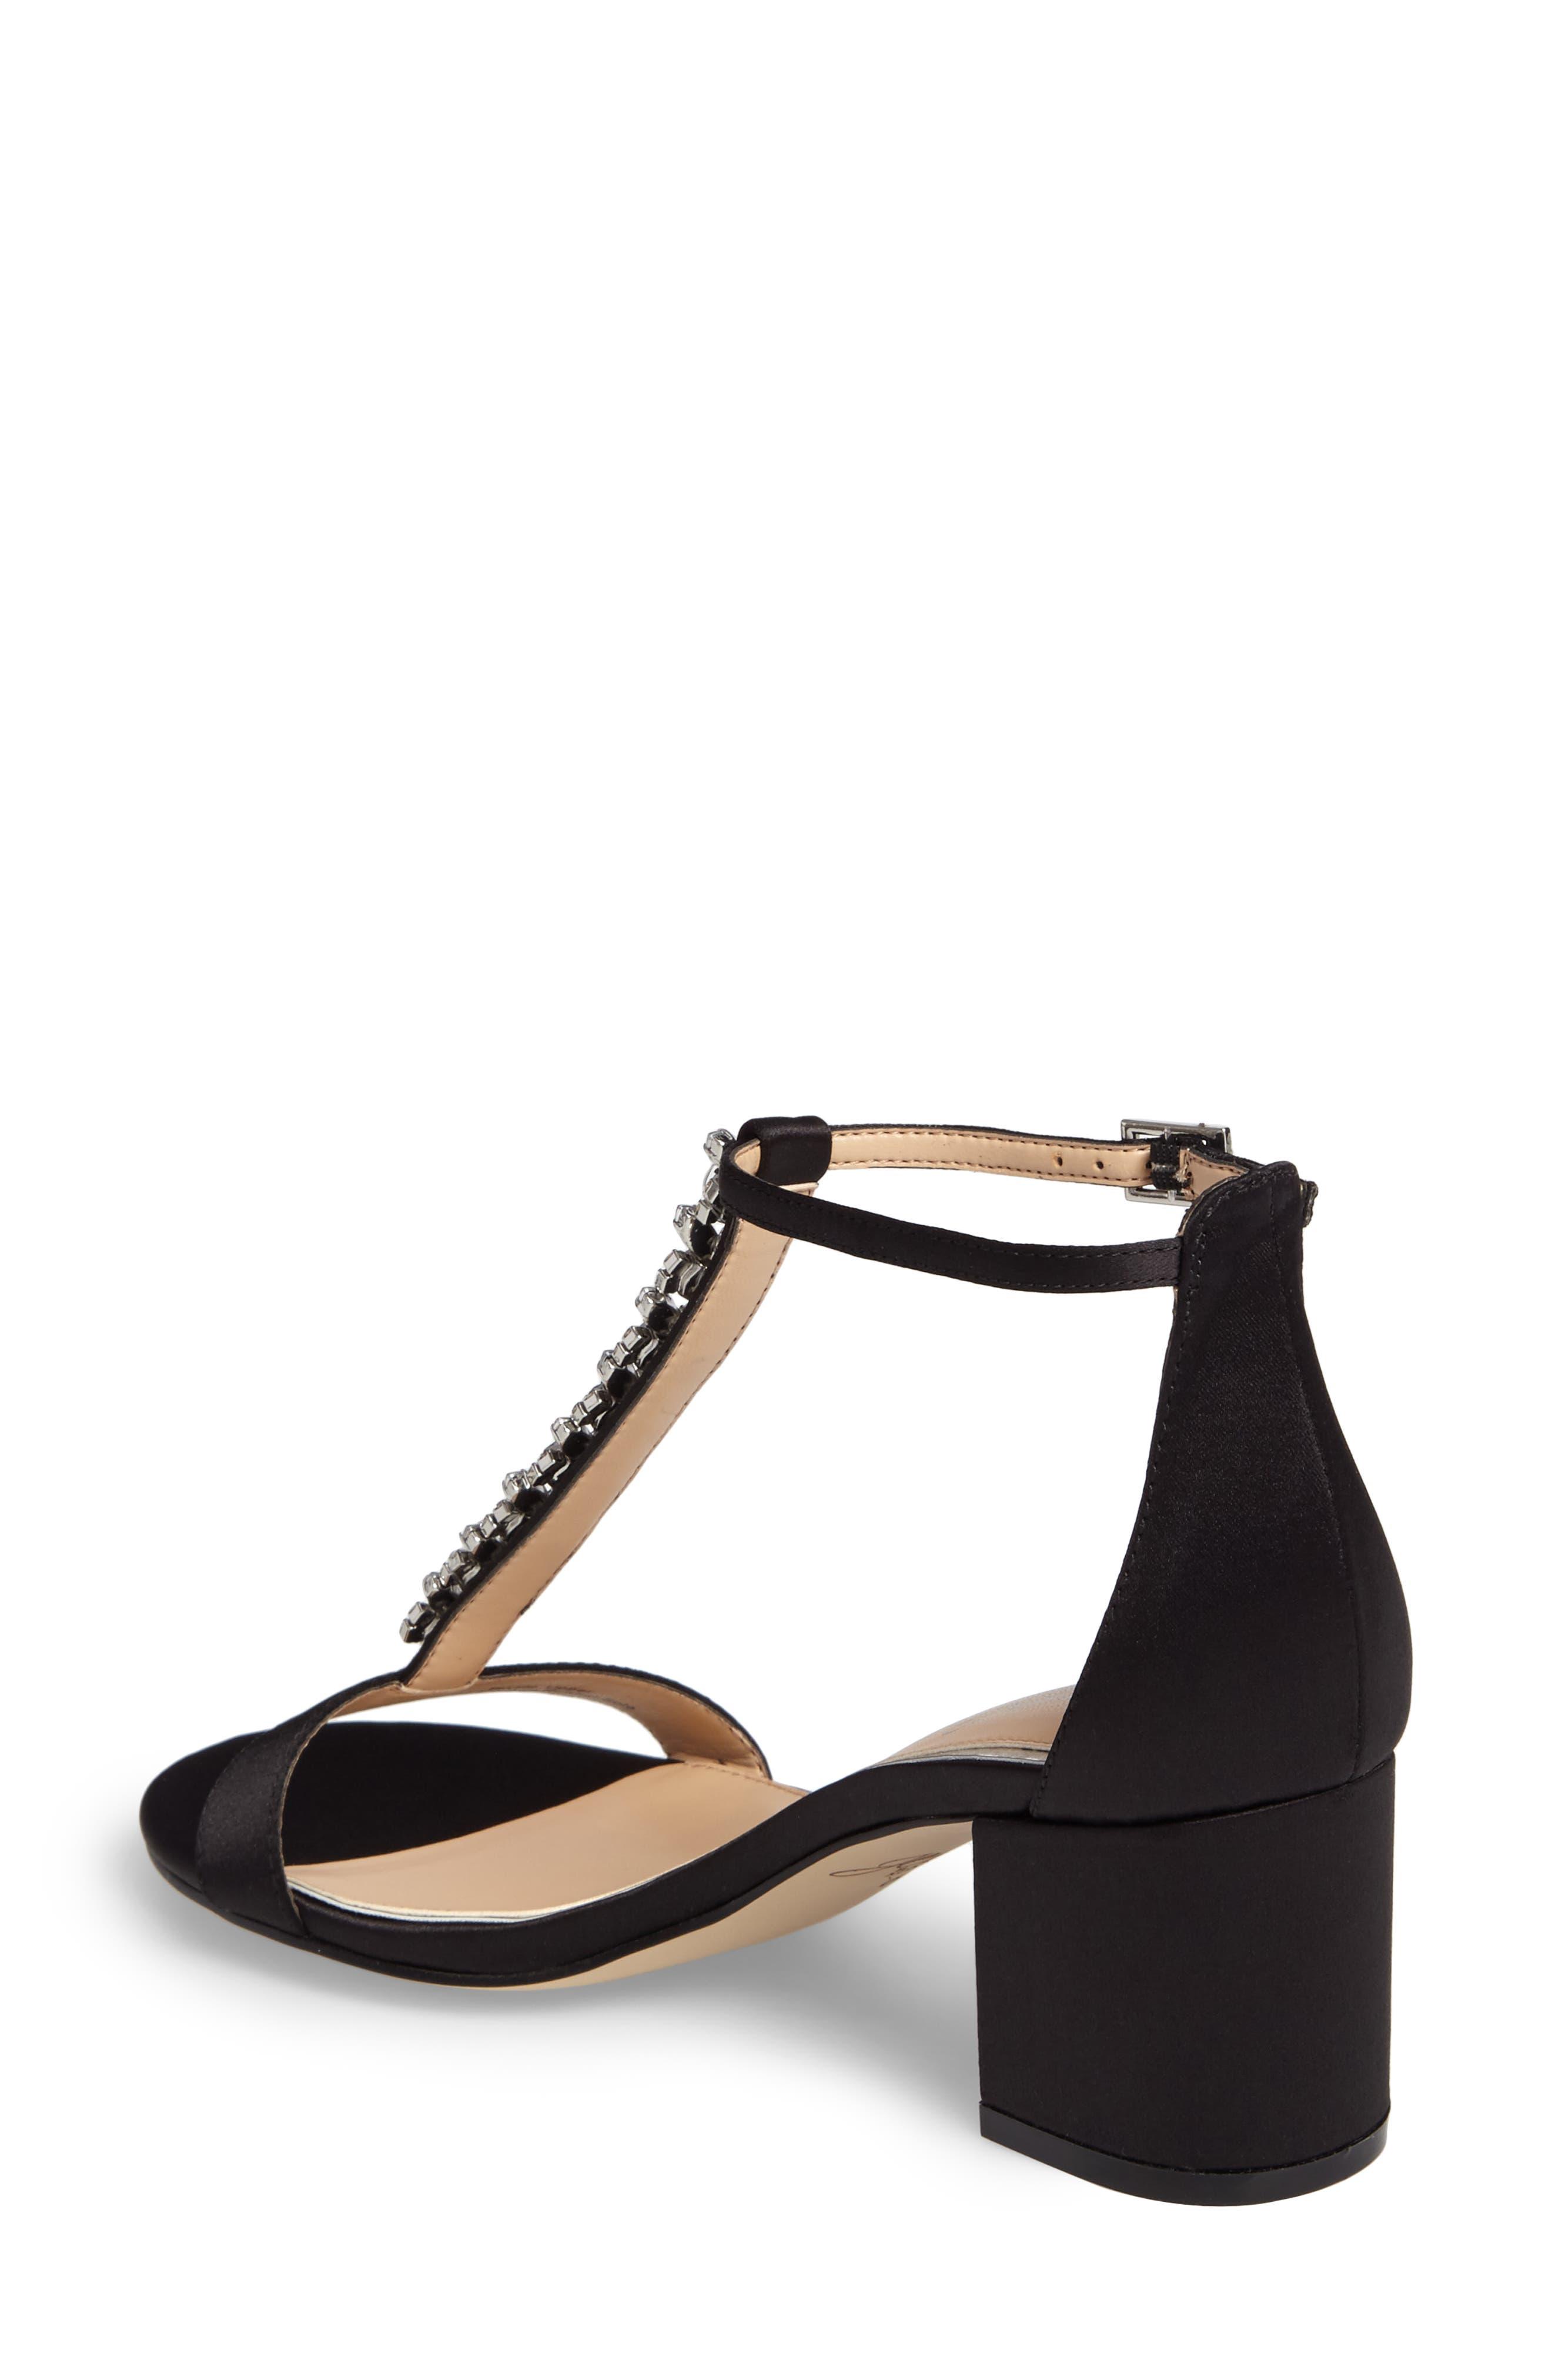 Lindsey Embellished T-Strap Sandal,                             Alternate thumbnail 2, color,                             Black Satin